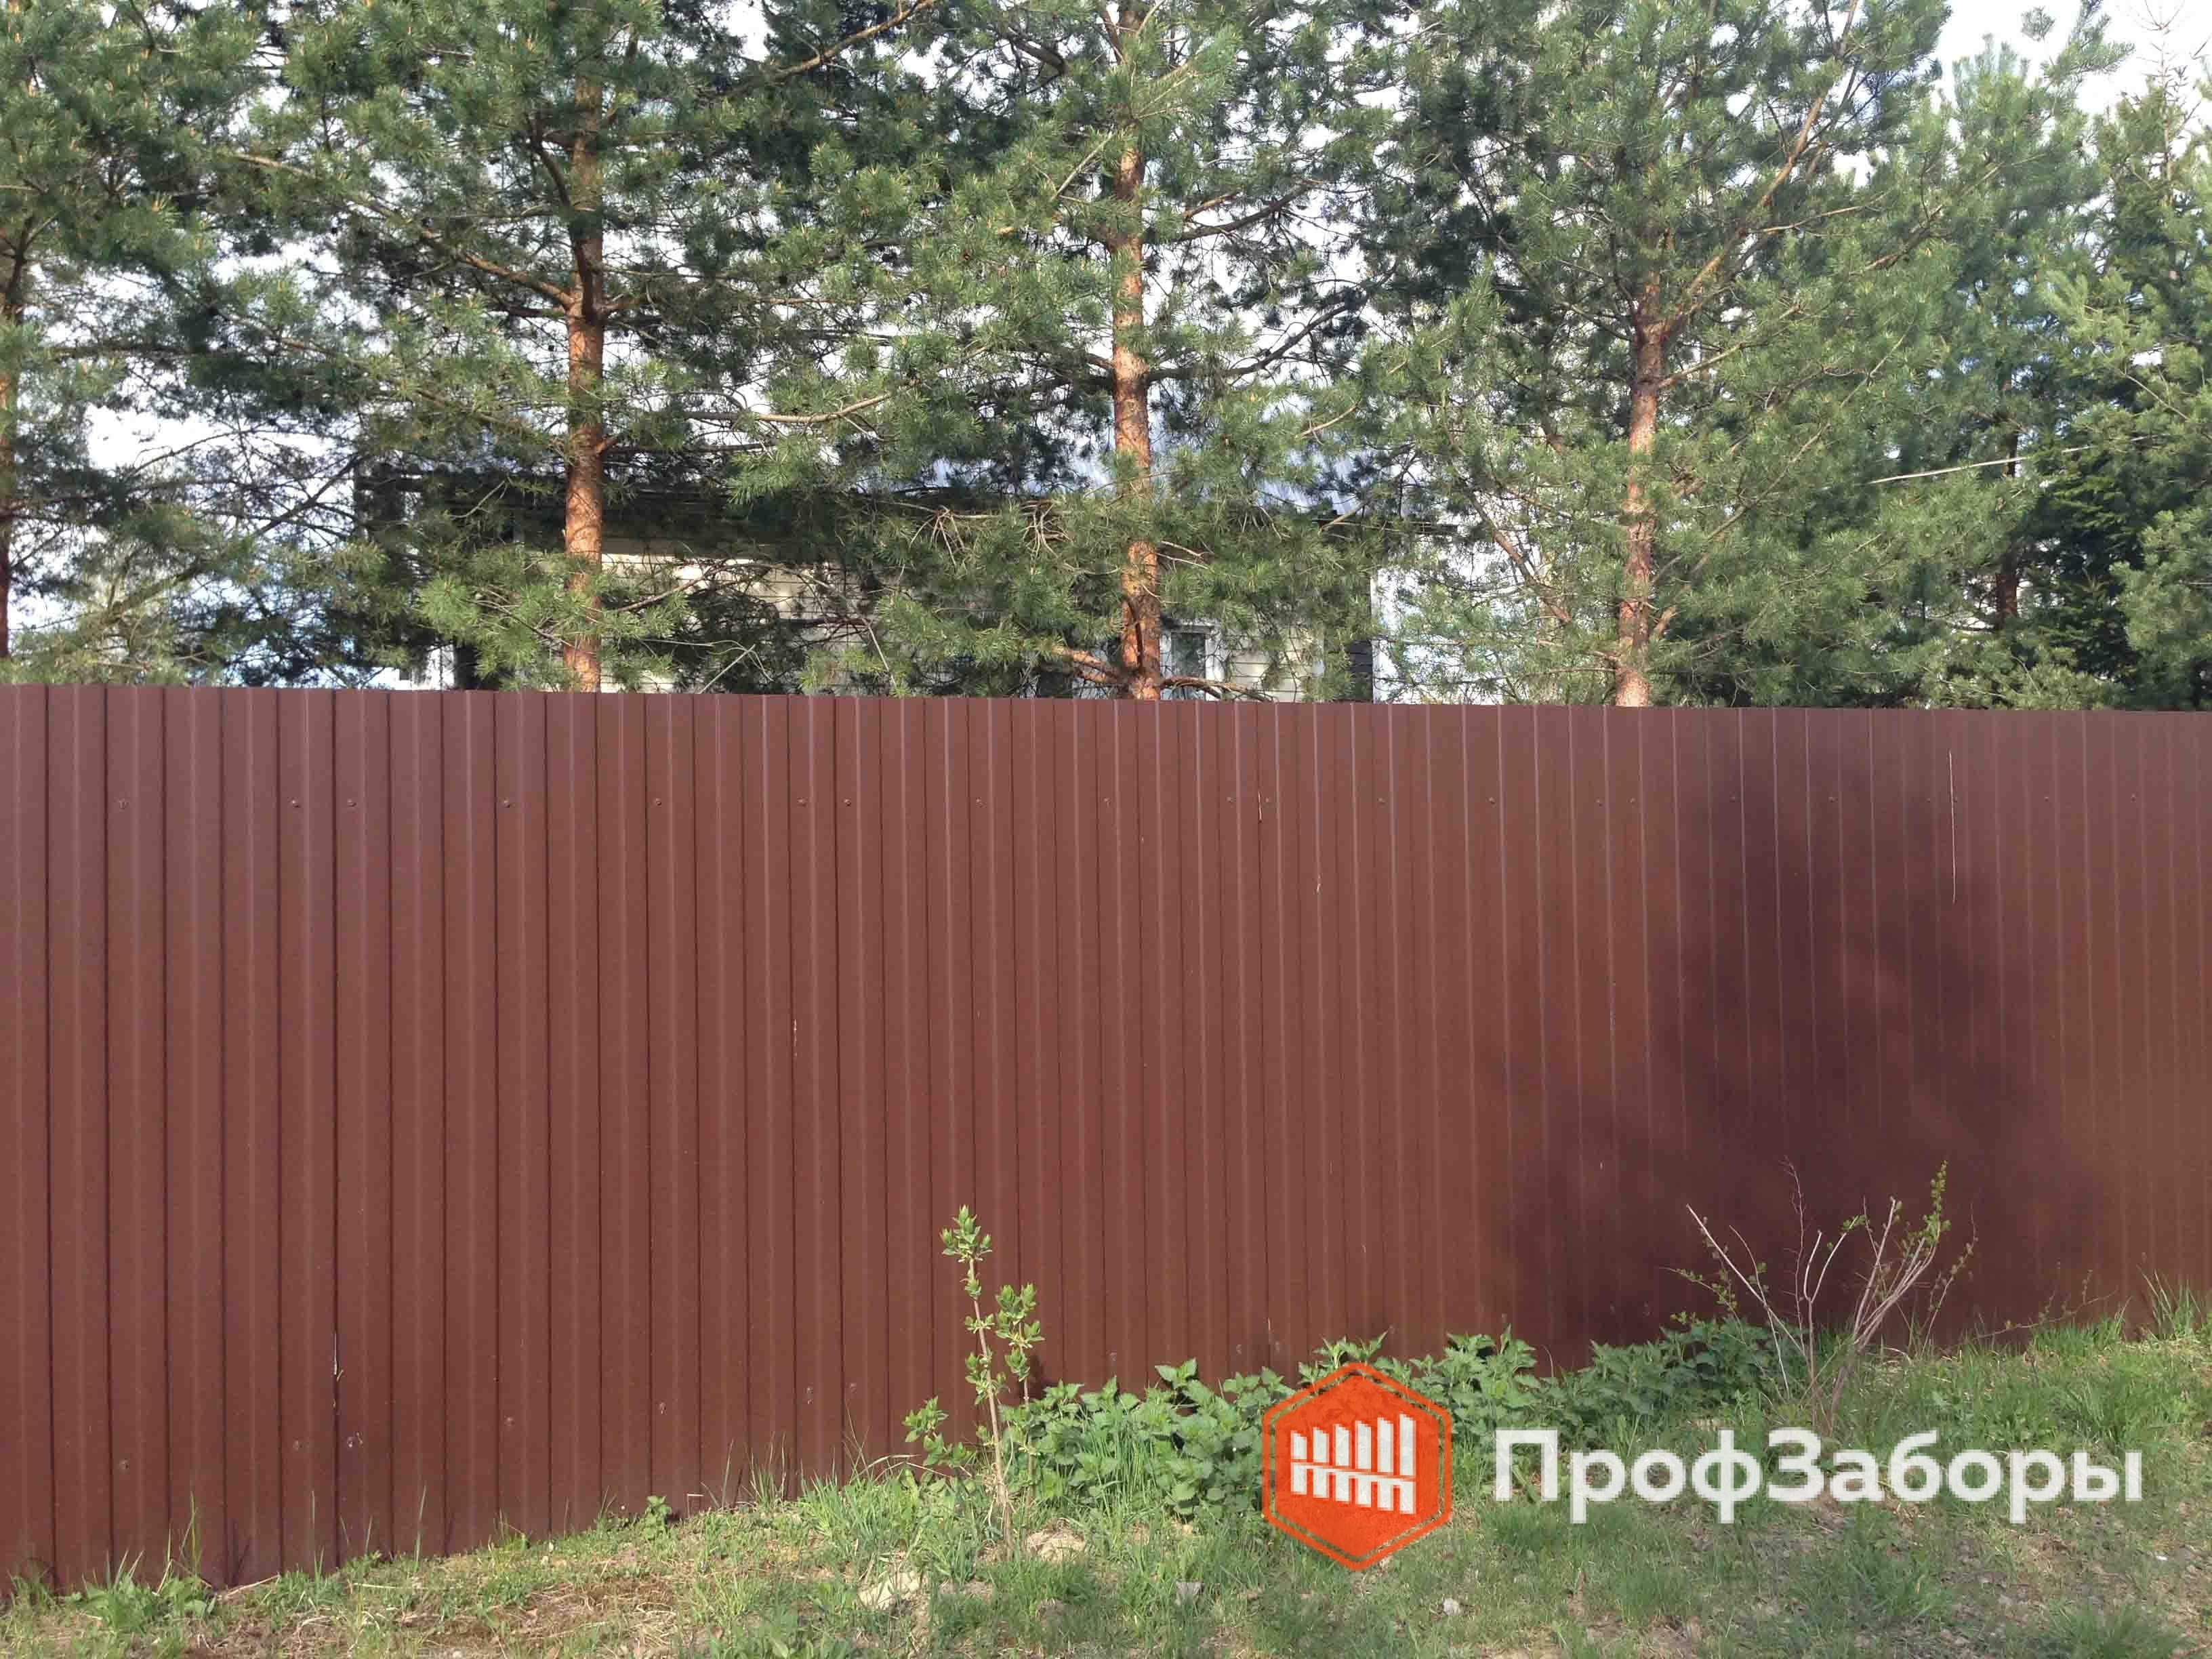 Заборы Из профнастила  - Пушкинский район. Фото 2